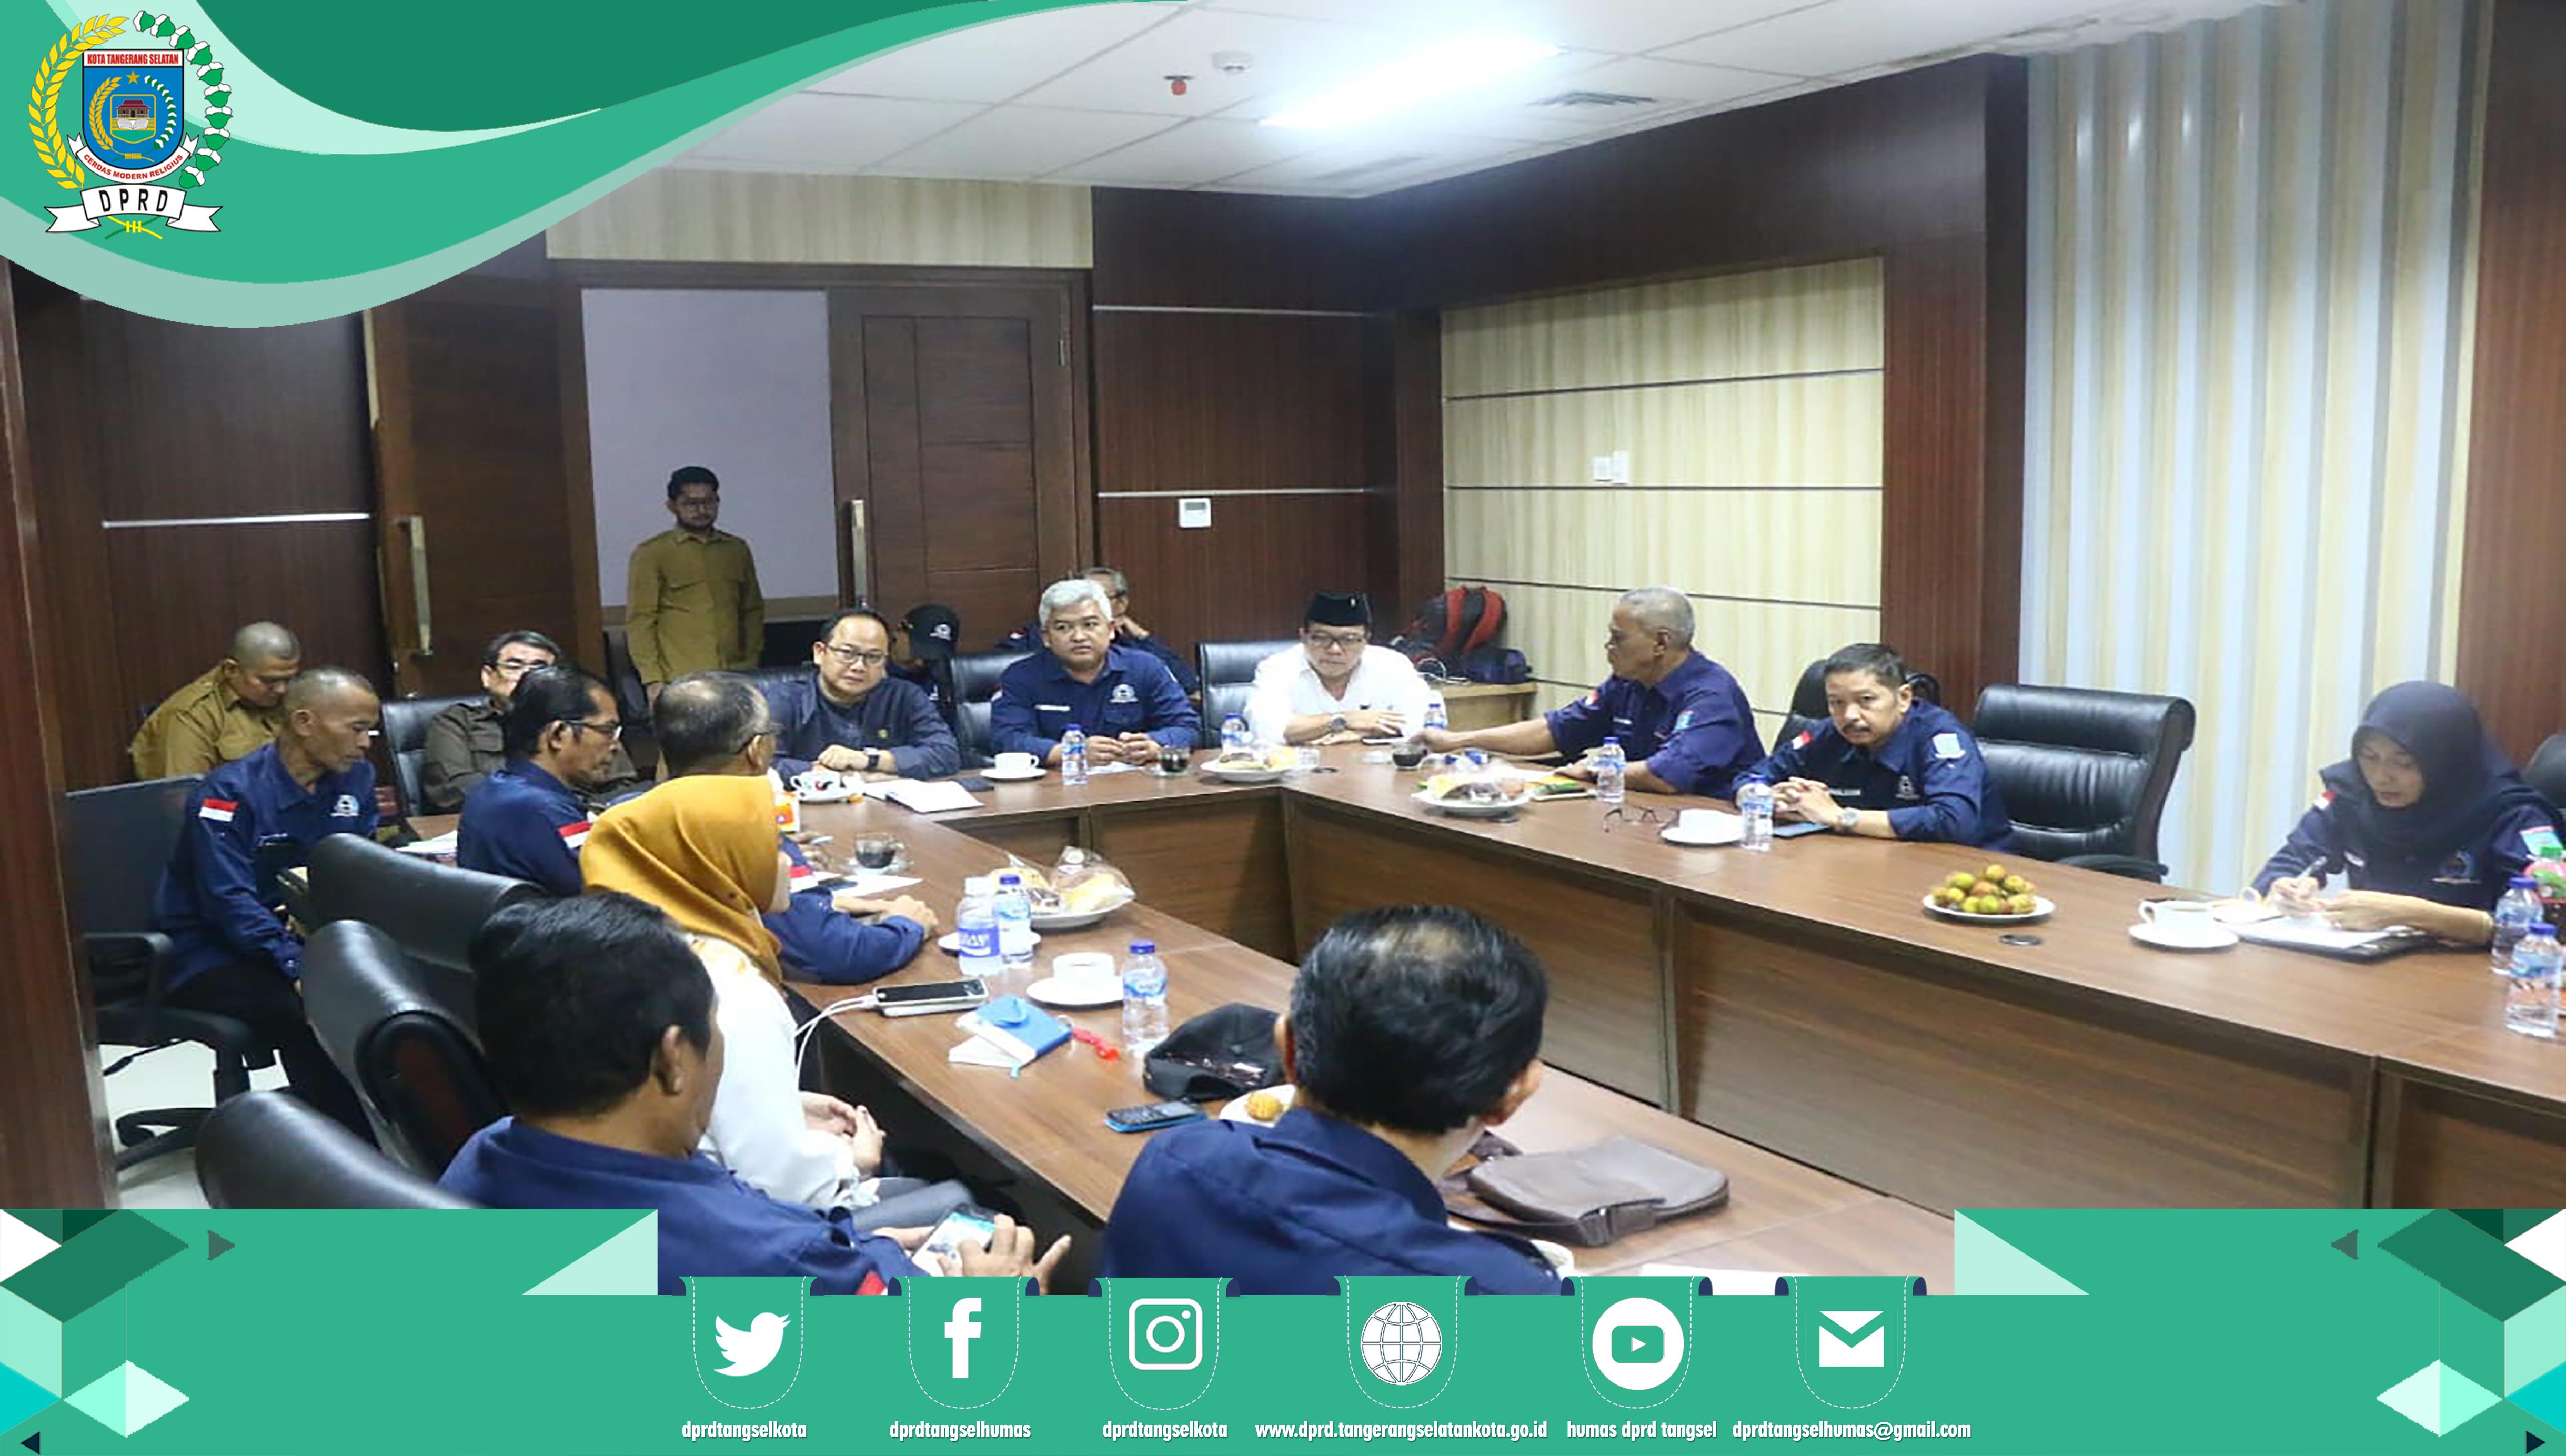 DPRD terima Audiensi DPD-LPM Kota Tangsel